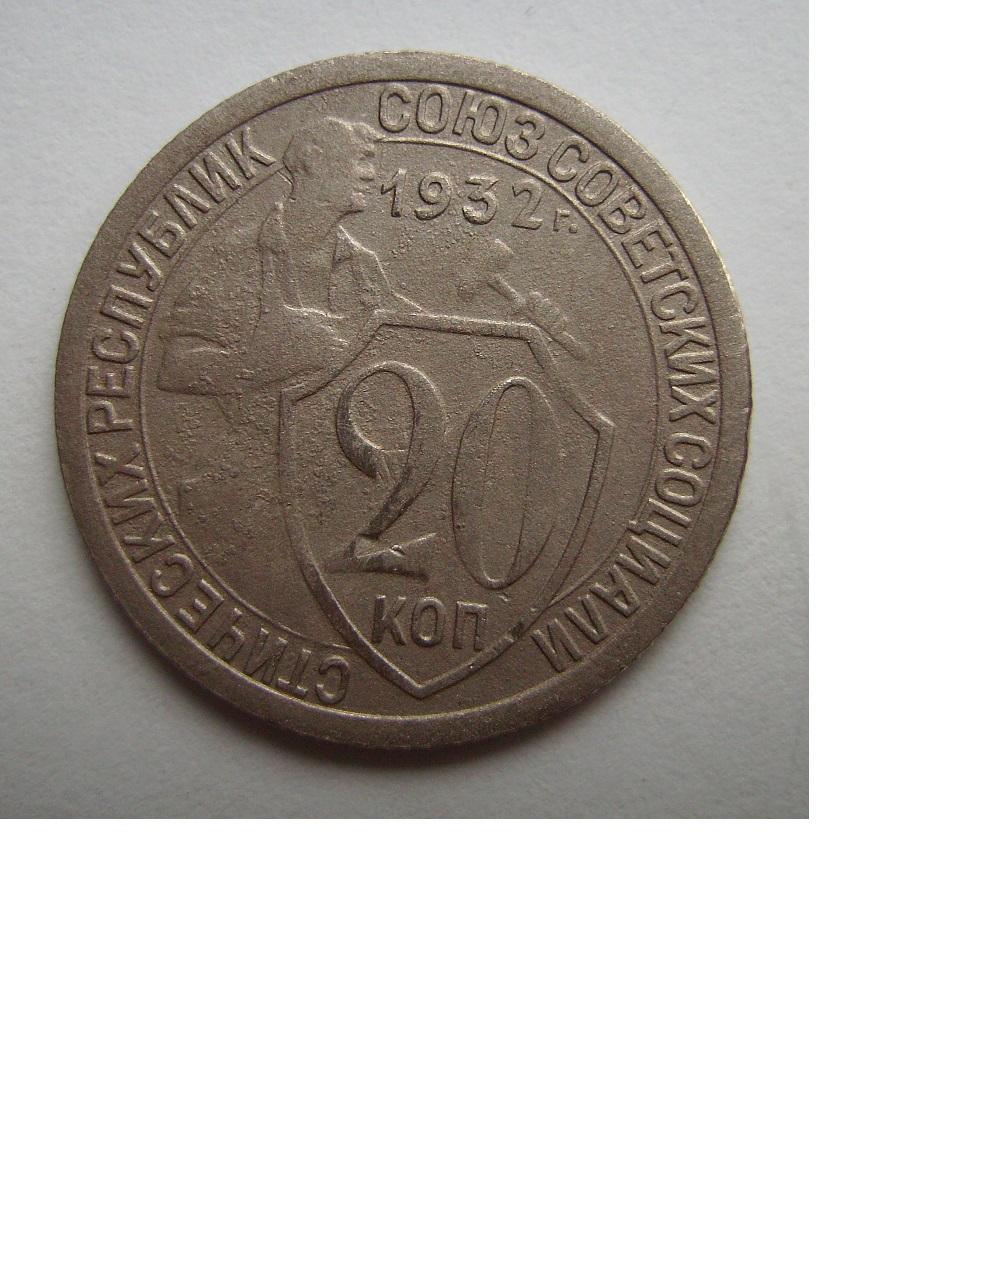 20 копеек 1932 г. Лицевая сторона - 1.2., оборотная сторона - Б